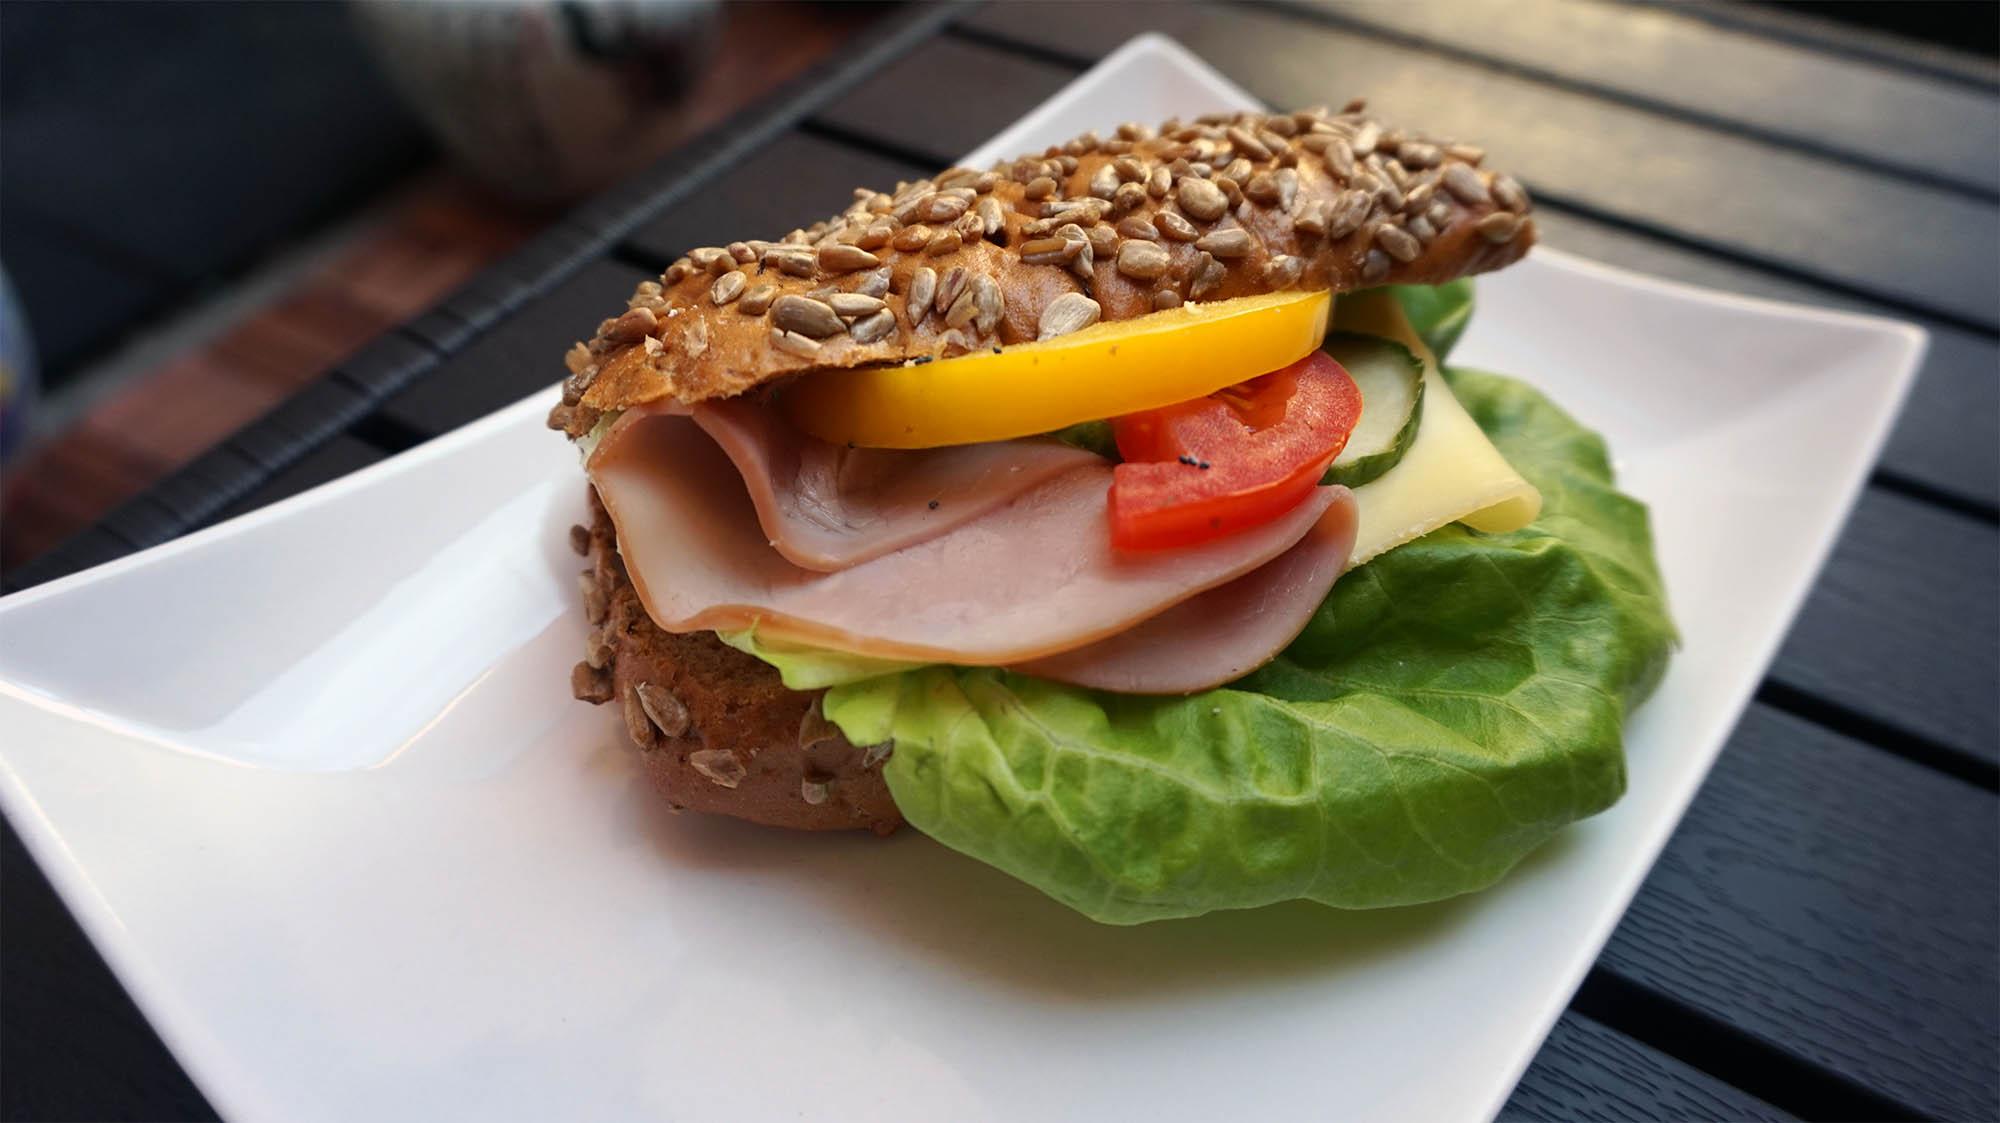 Ost & skinka smörgås